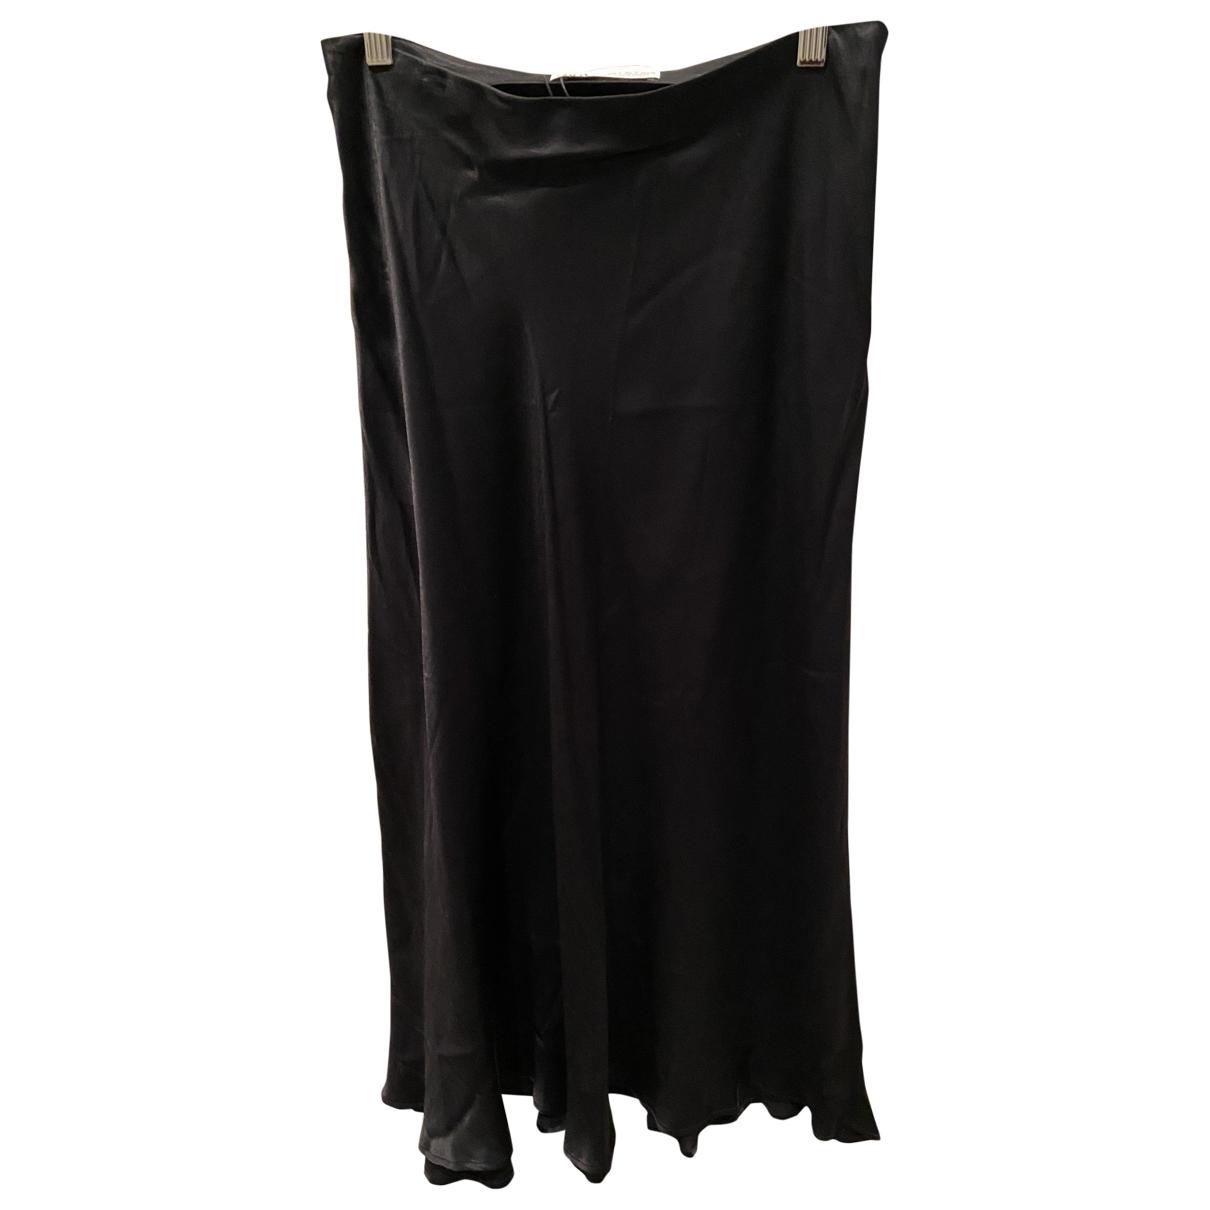 Zara \N Black skirt for Women S International